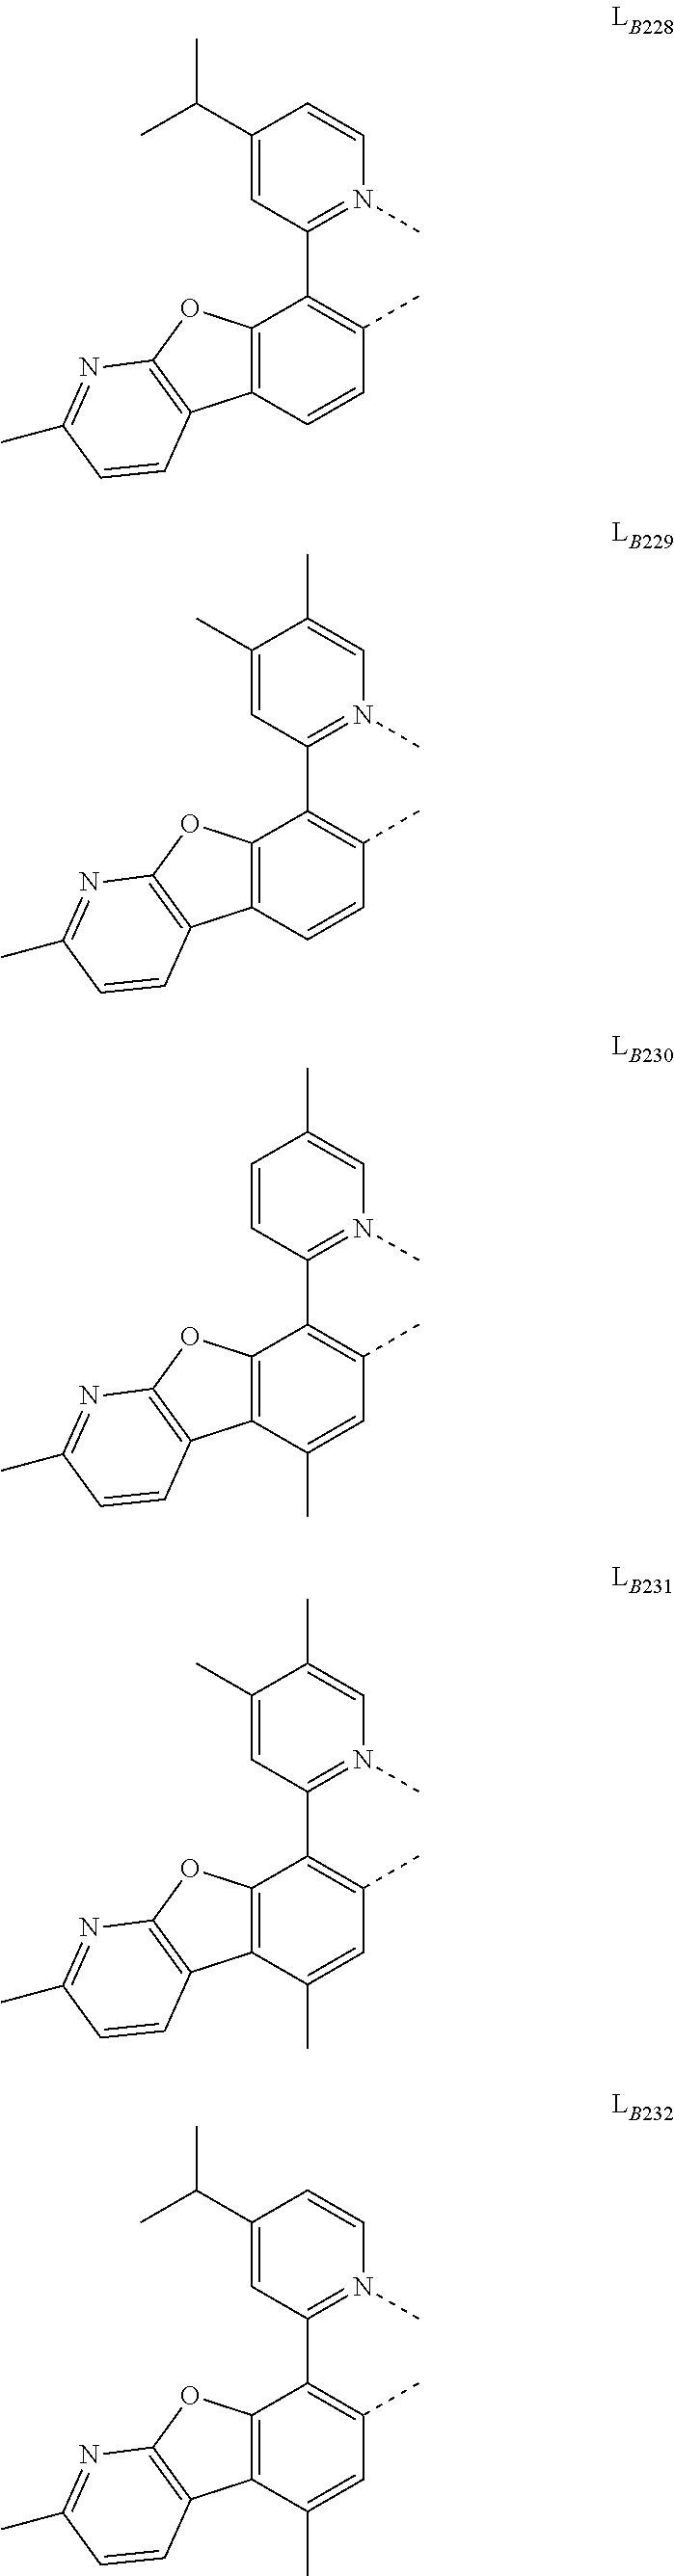 Figure US09929360-20180327-C00263